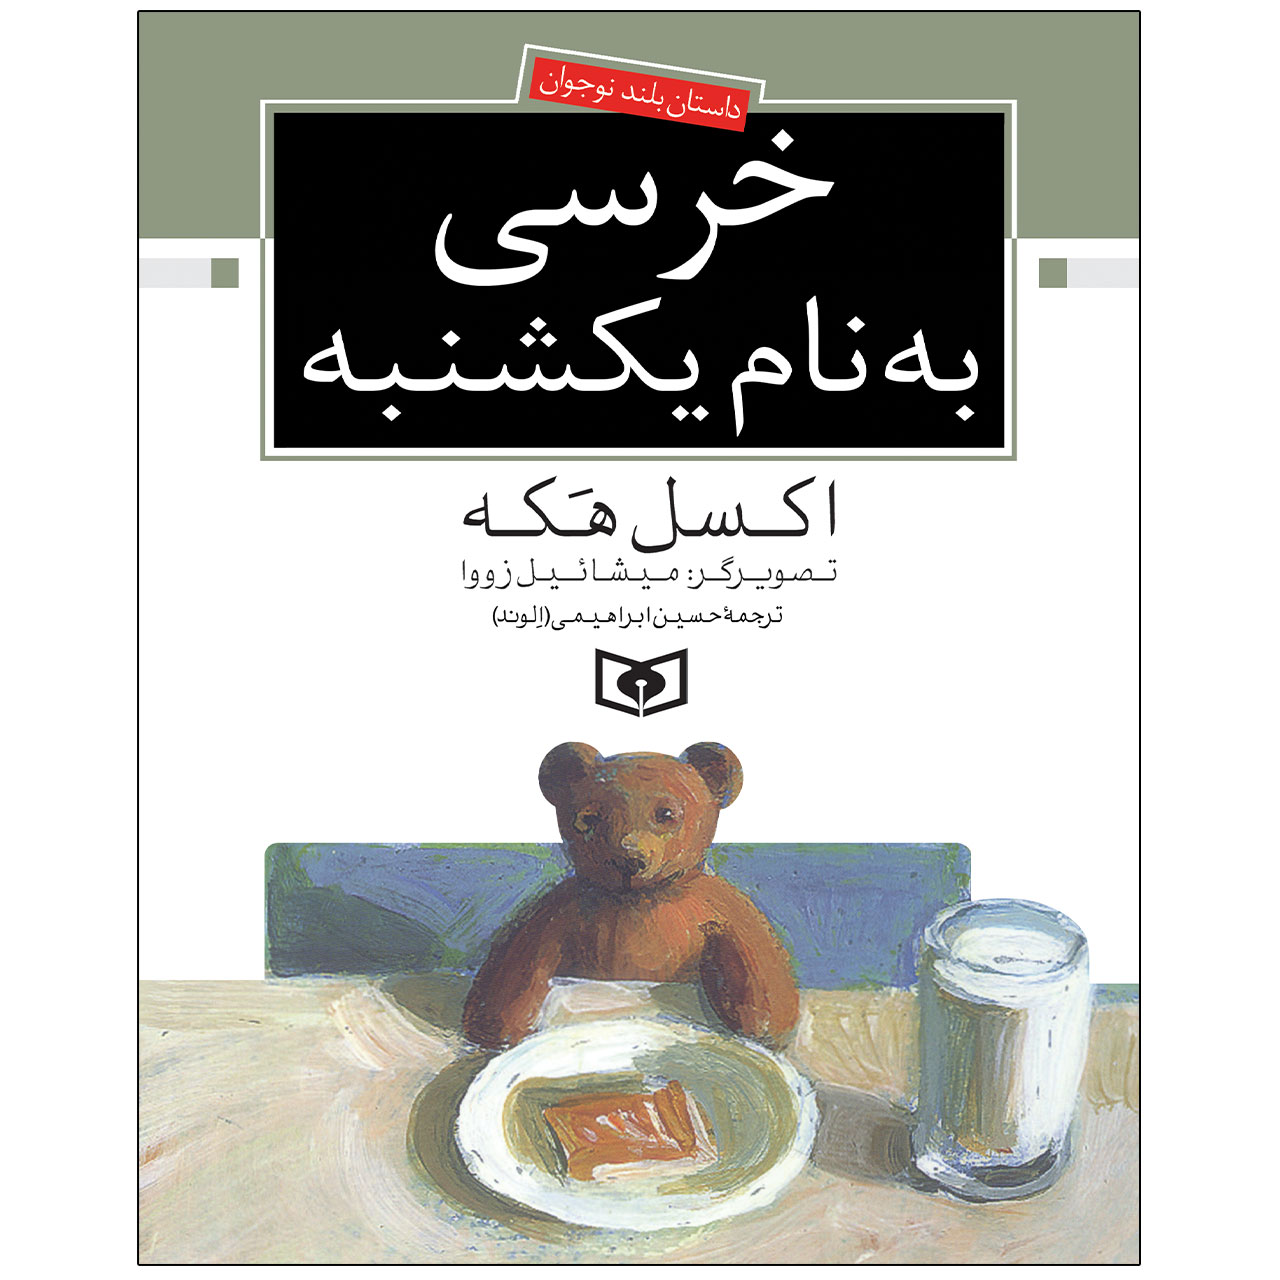 خرید                      کتاب خرسی به نام یکشنبه اثر اکسل هکه انتشارات قدیانی